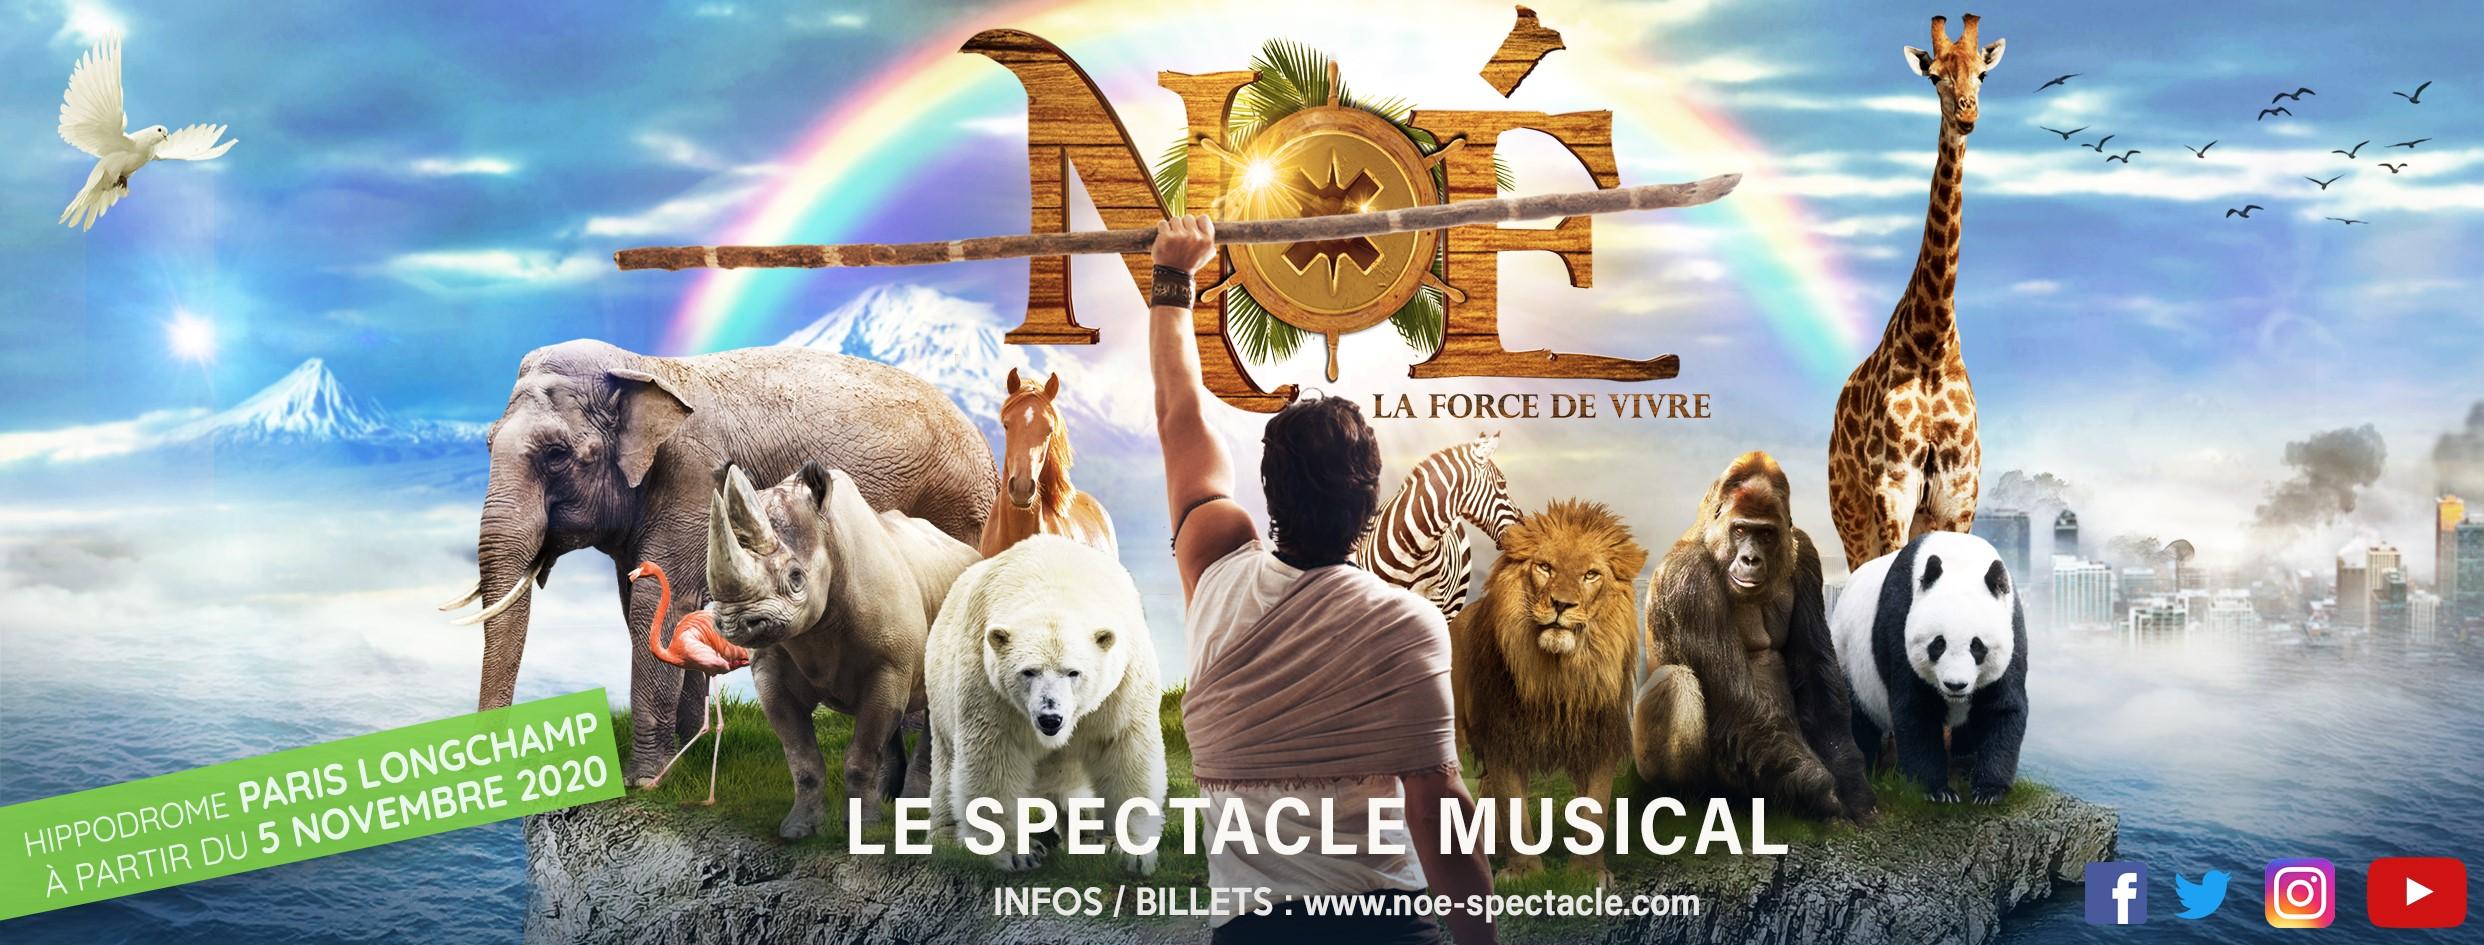 Noé la force de vivre - Noé le spectacle musical - animaux